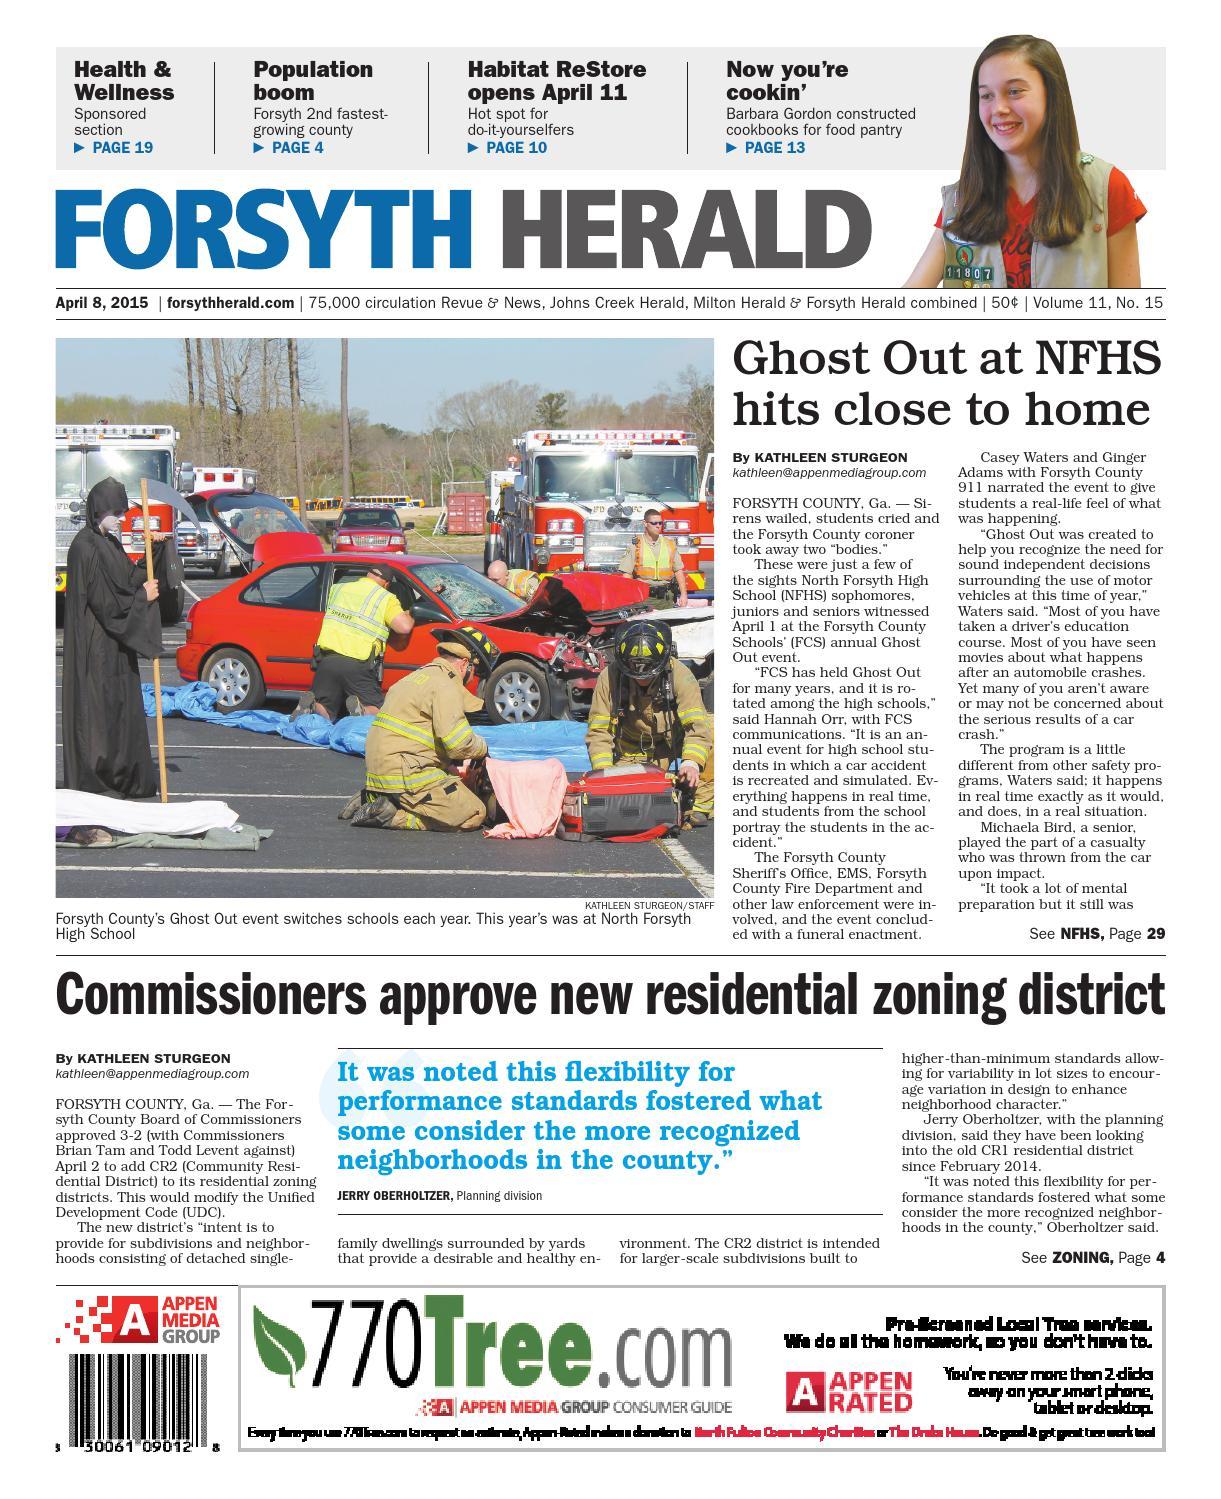 Forsyth Herald April 8 2015 By Appen Media Group